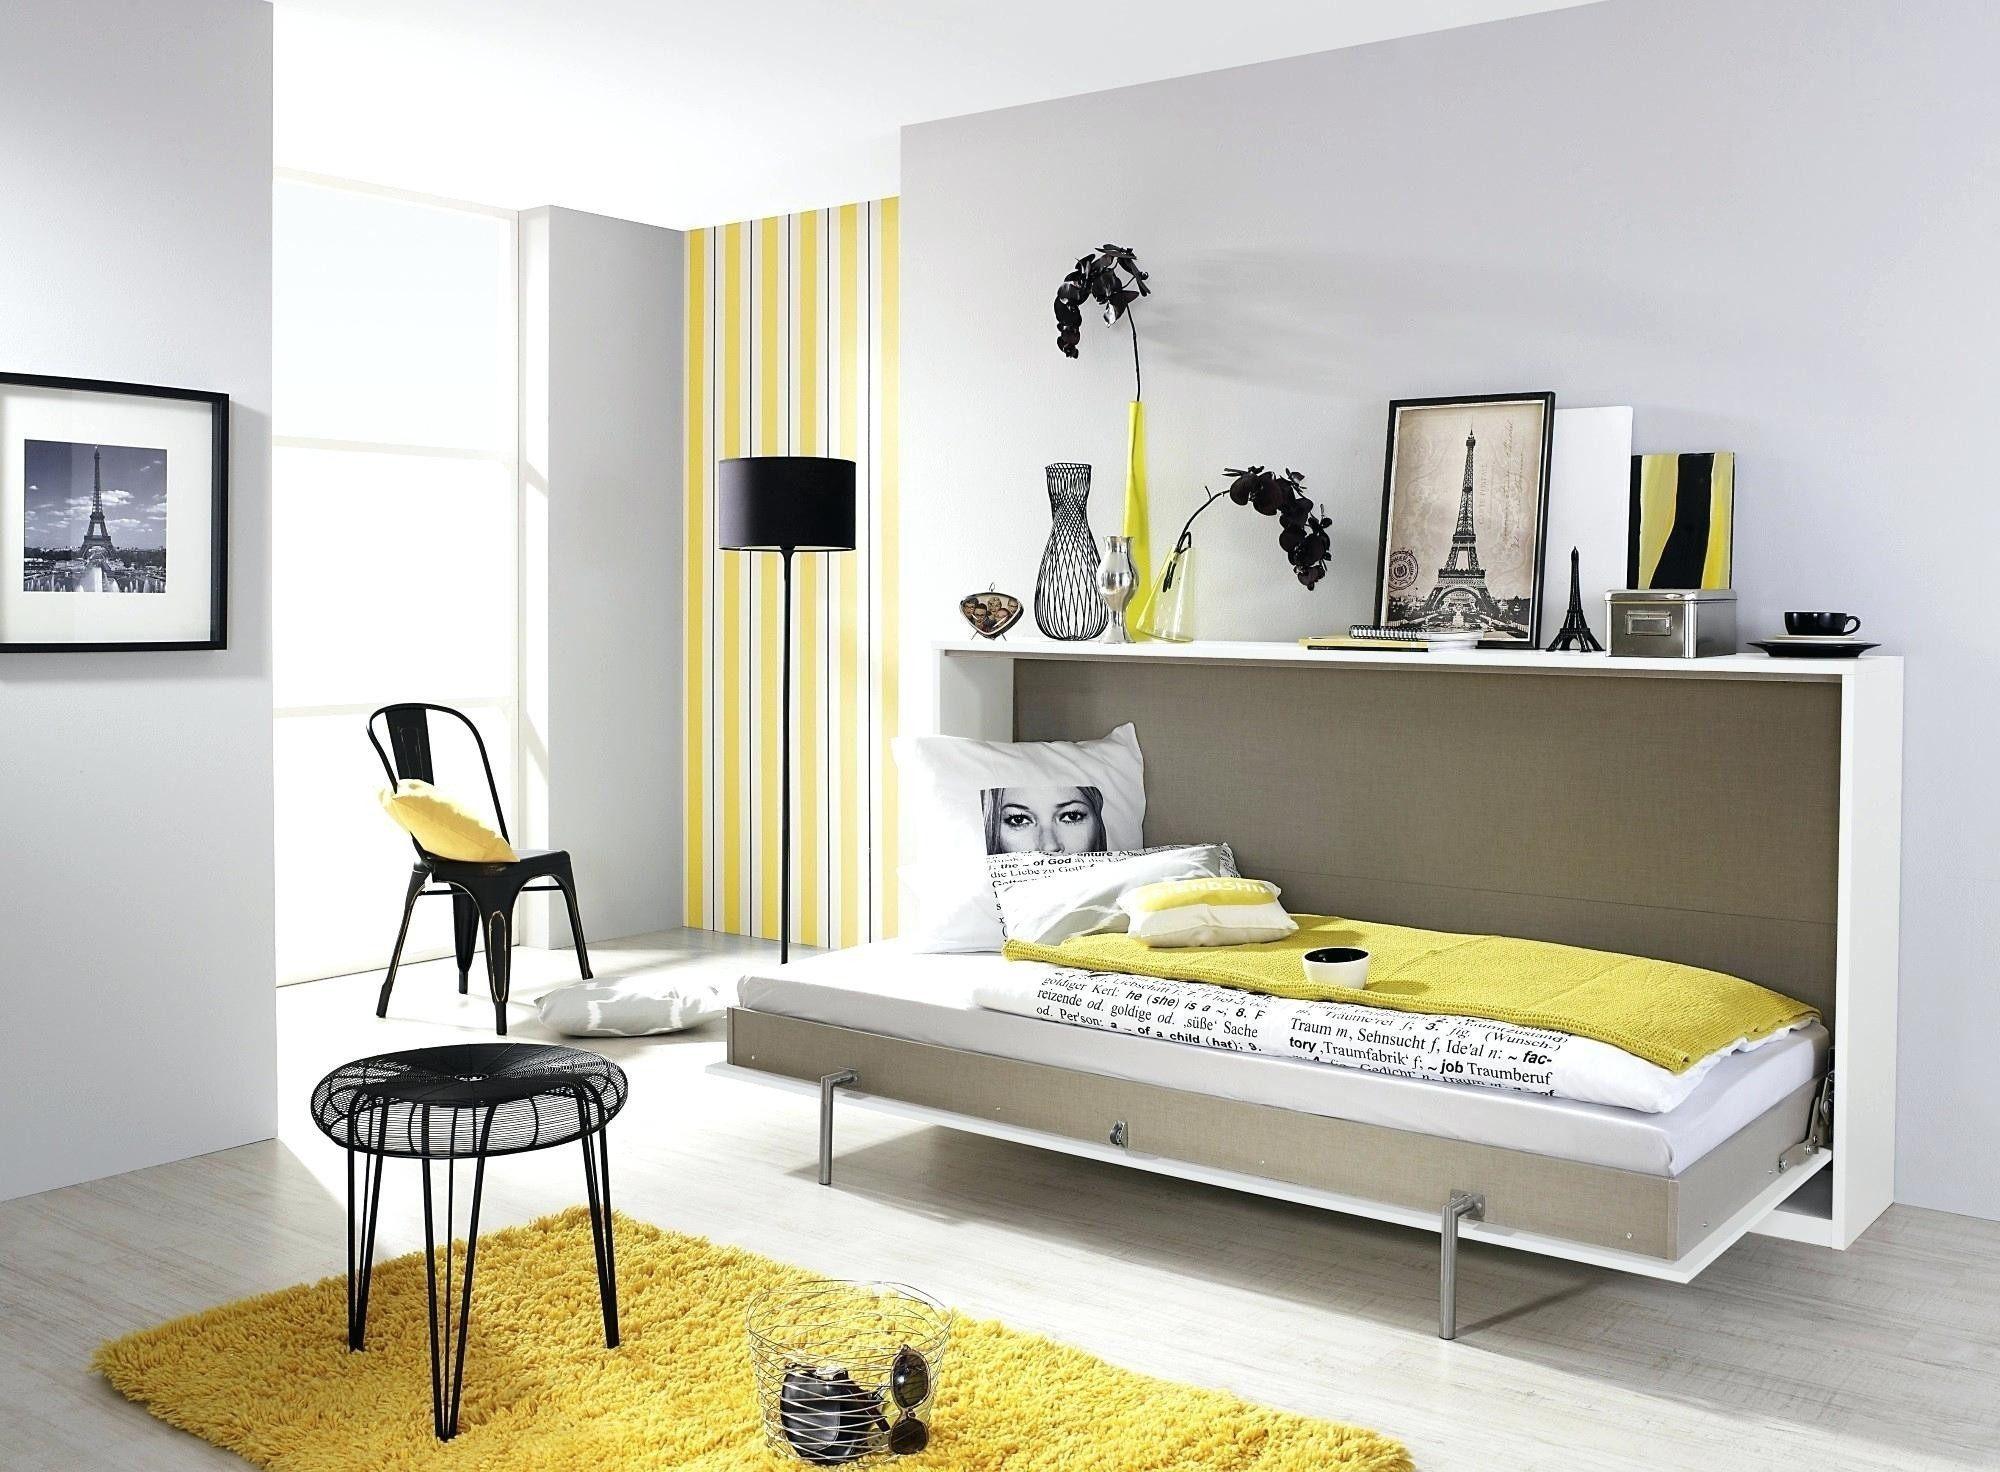 Lit De 160×200 Charmant Lit Design 160—200 Primaire Collection sommier Matelas 160—200 Fresh